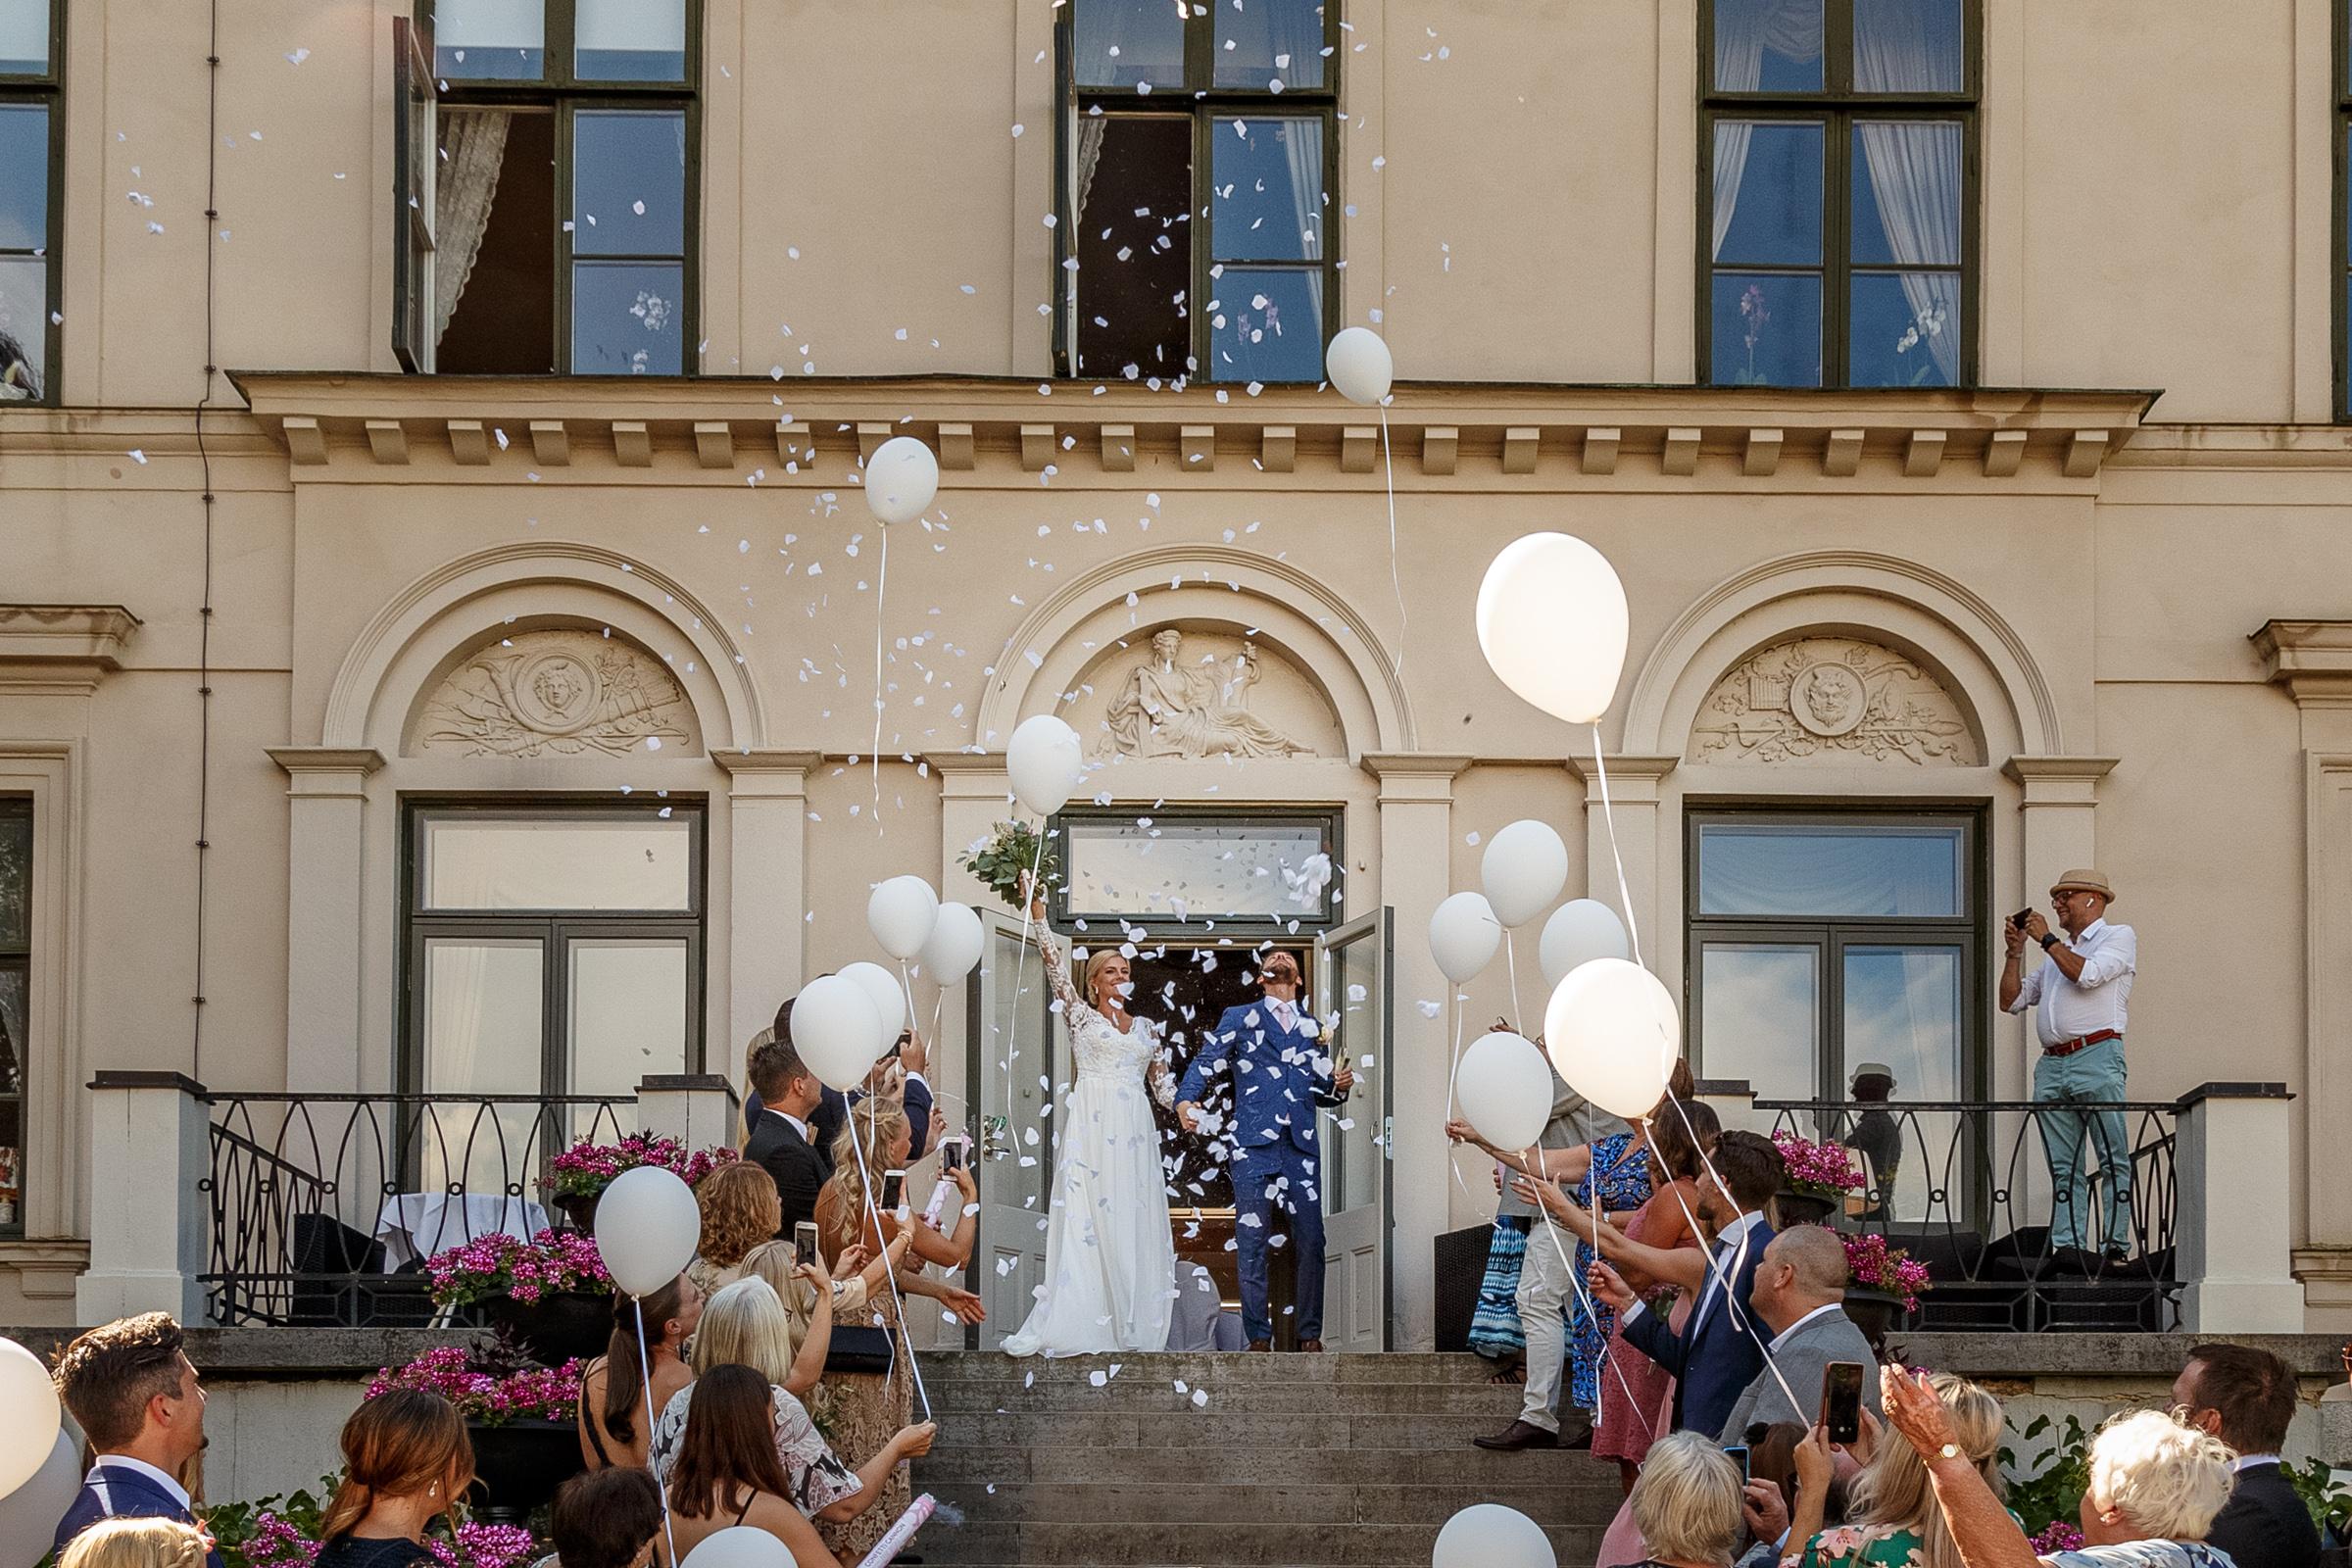 20180714-örebro-bröllop-641-Redigera.jpg